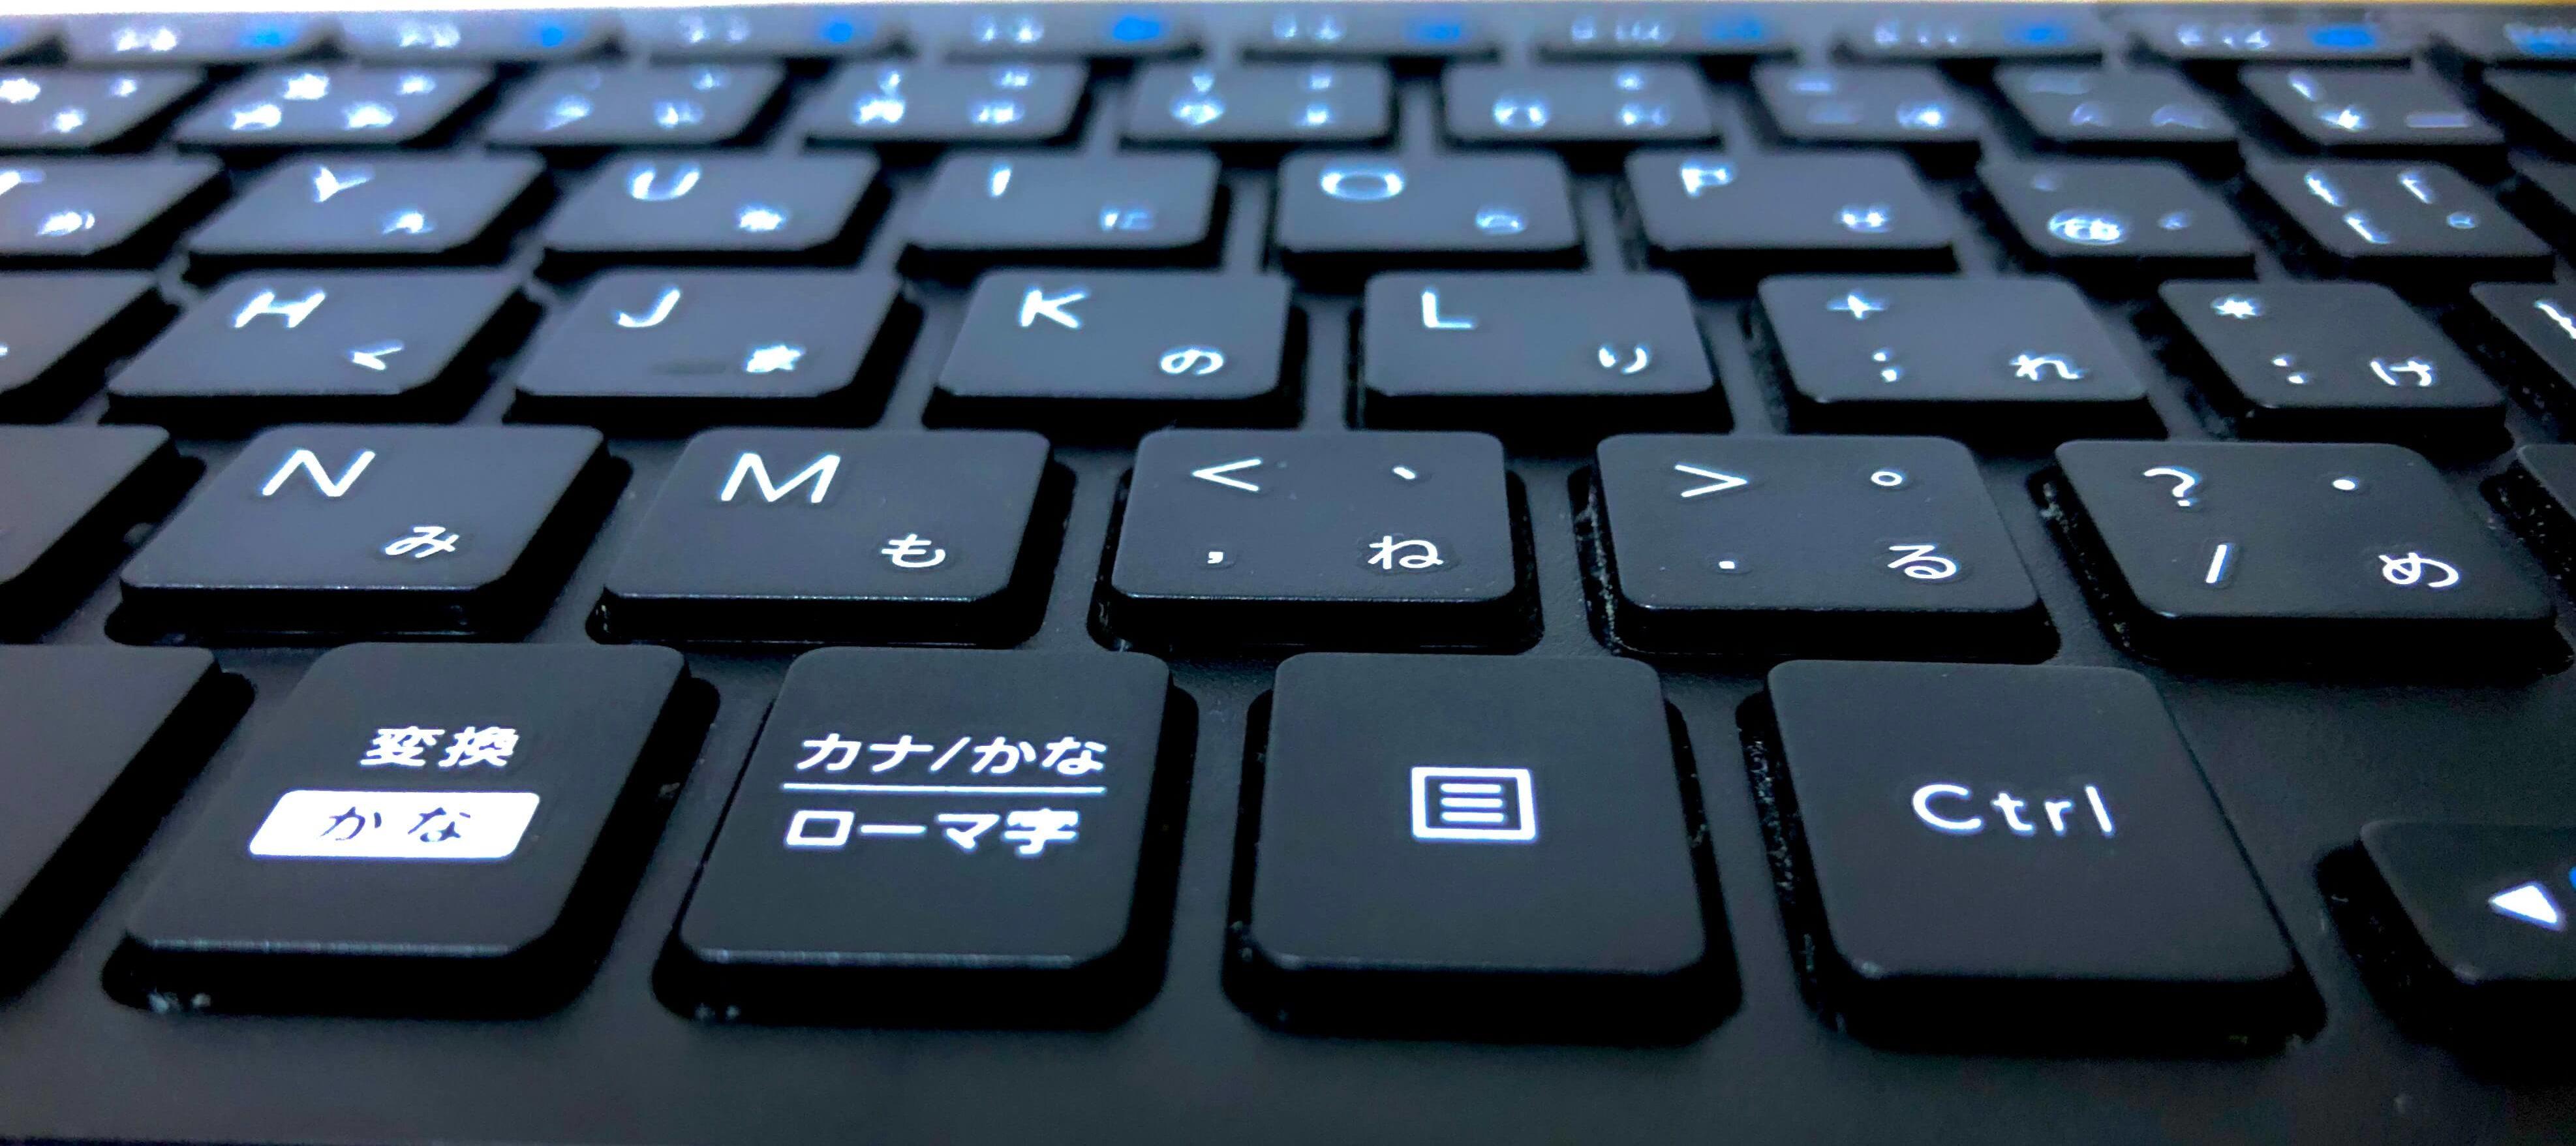 エレコムBluetoothキーボードTK-FBP100はパンタグラフ方式